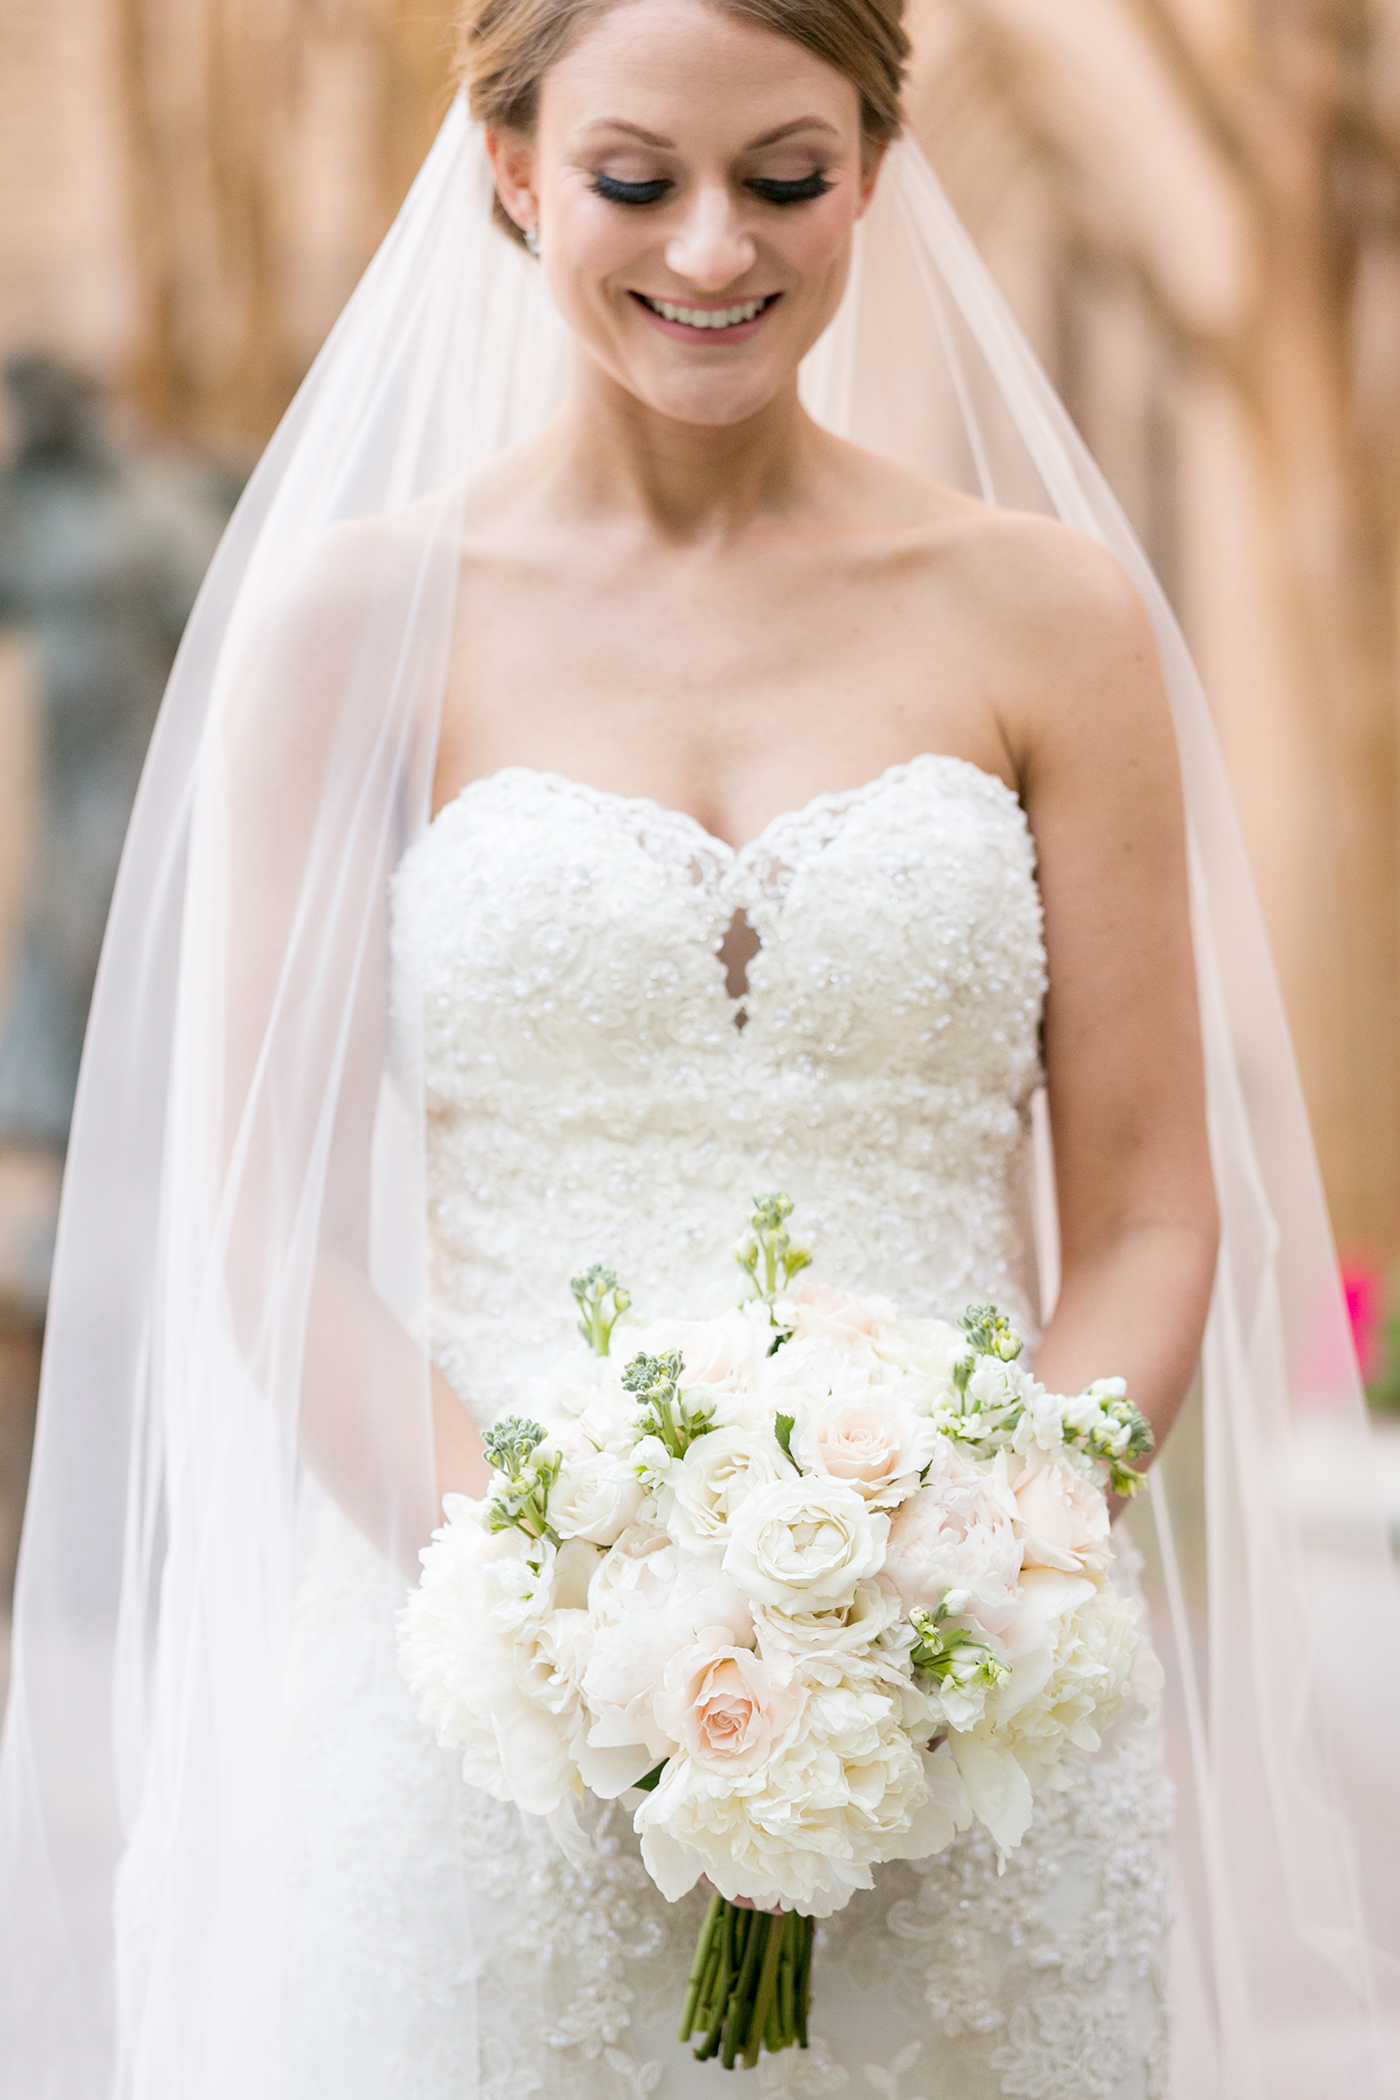 Dallas Wedding Planner - Allday Events - Classic Wedding at Dallas Scottish Rite - 28.jpg